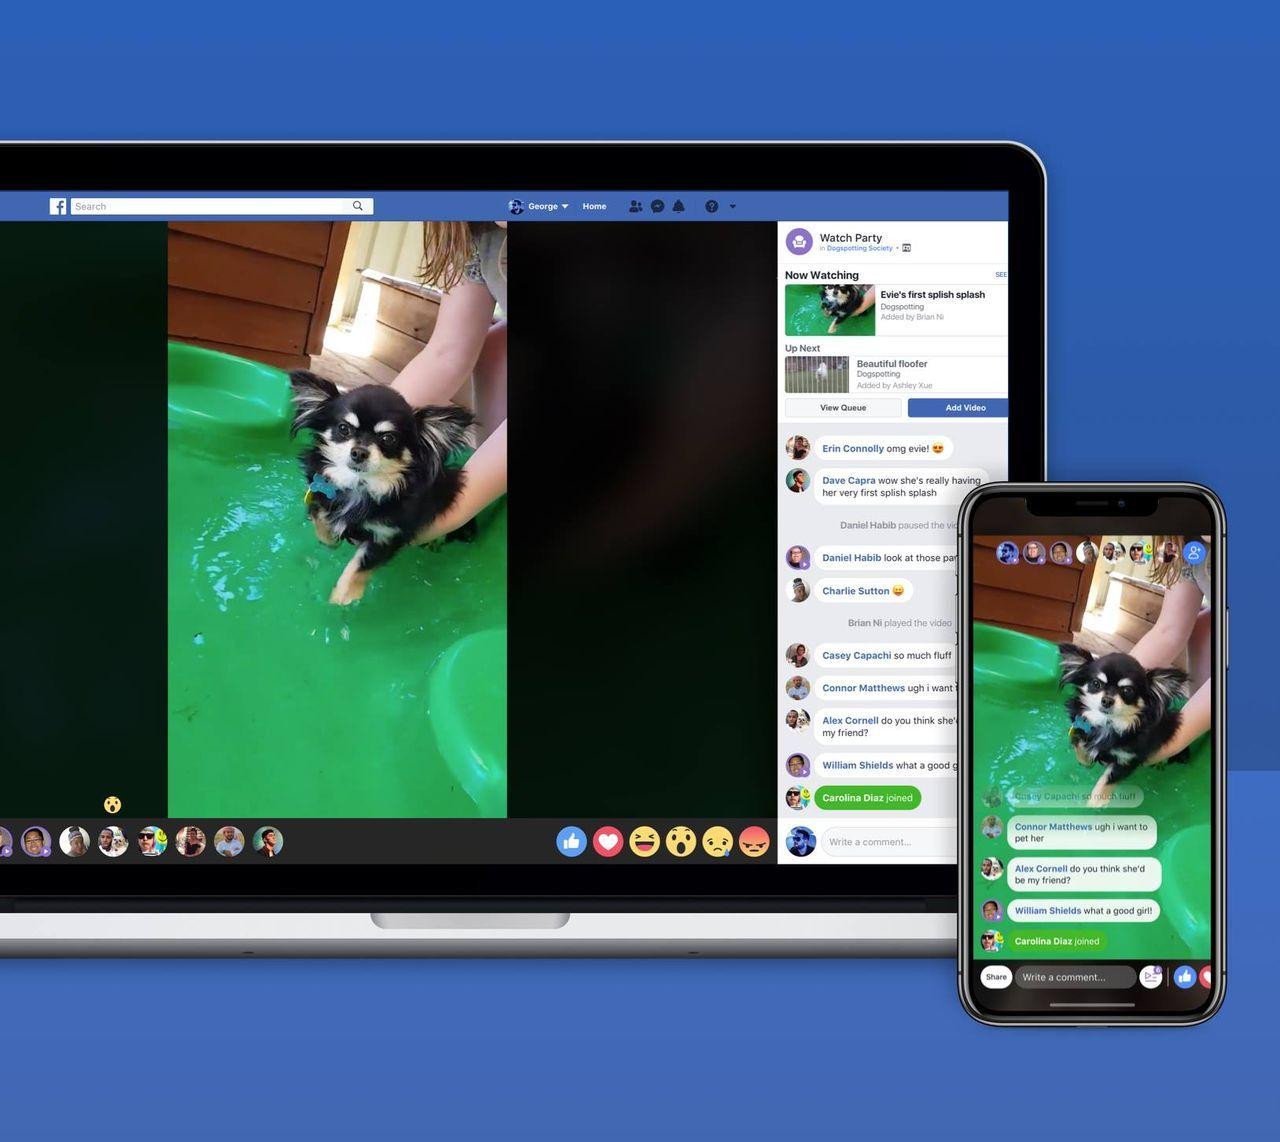 Titta på video tillsammans i Facebook Messenger